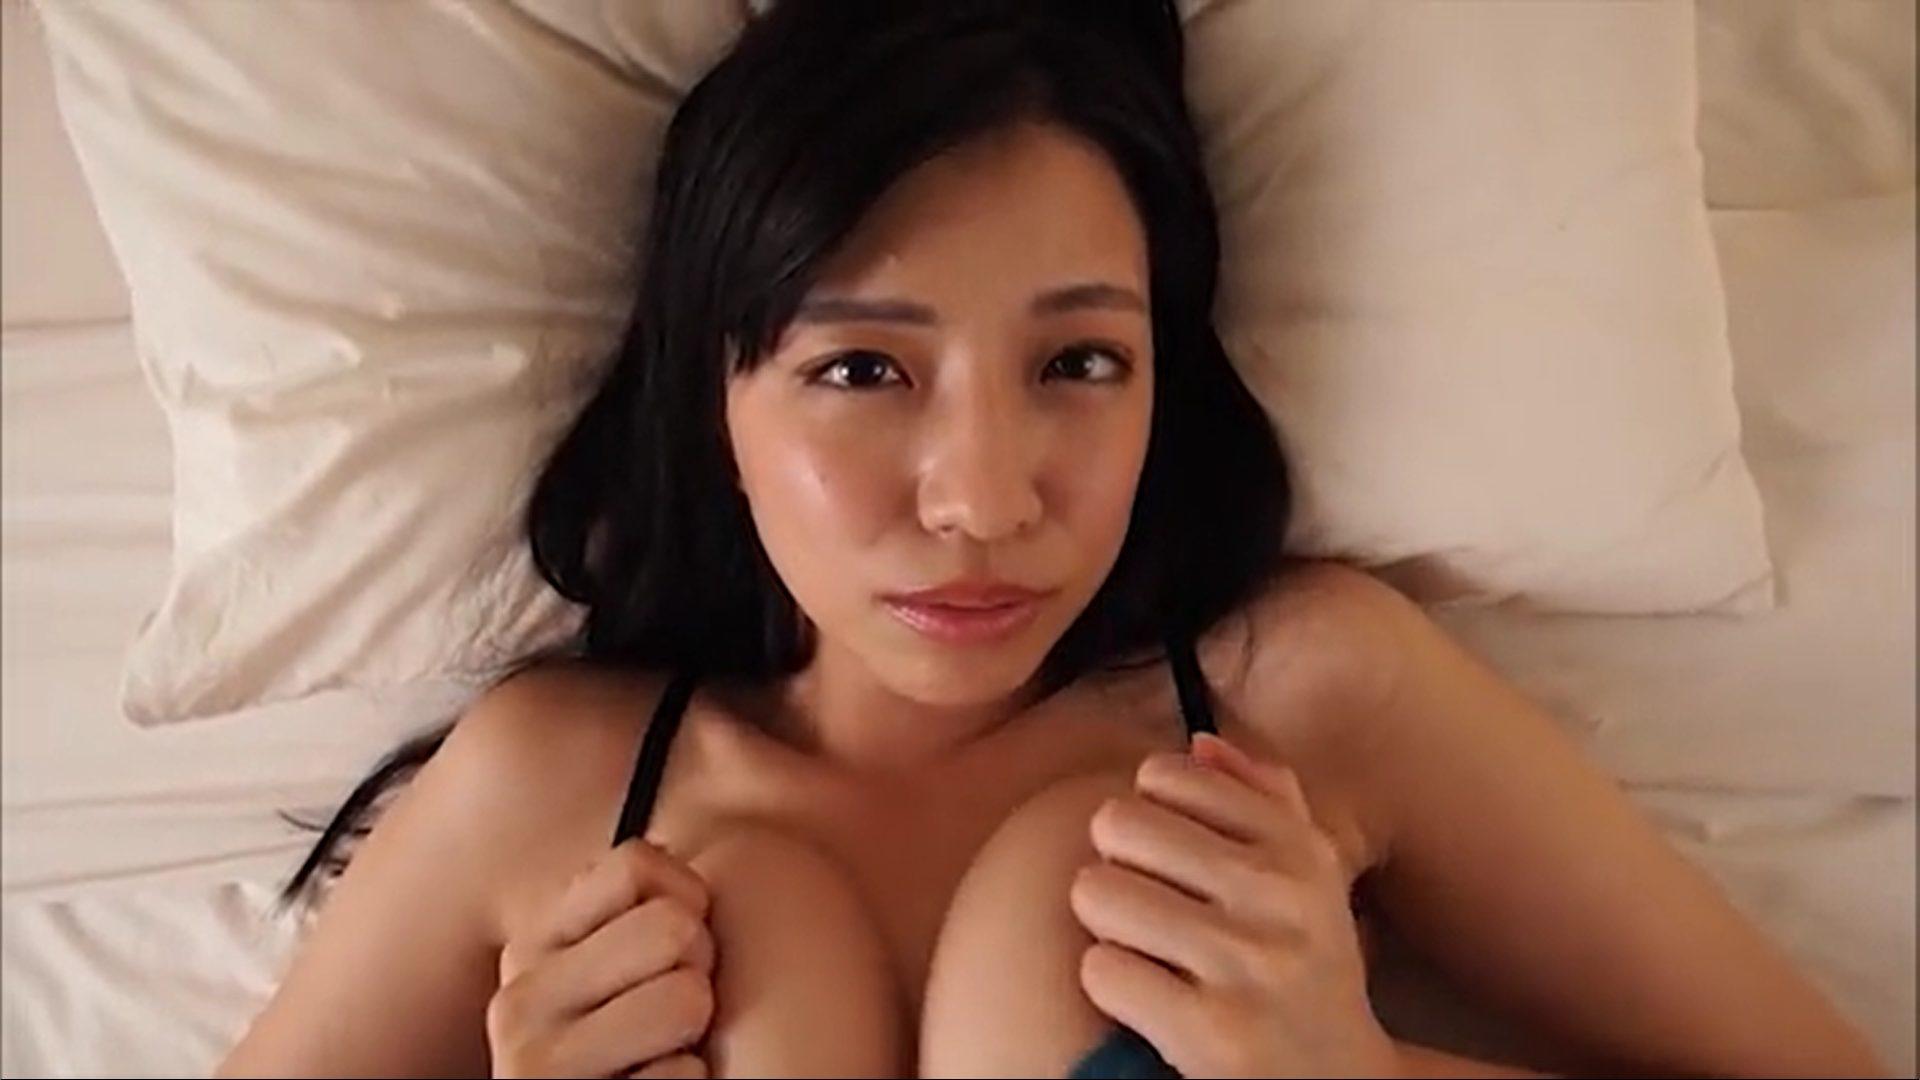 【佐野マリア】Fカップ5 「Wet Body」サンプル動画